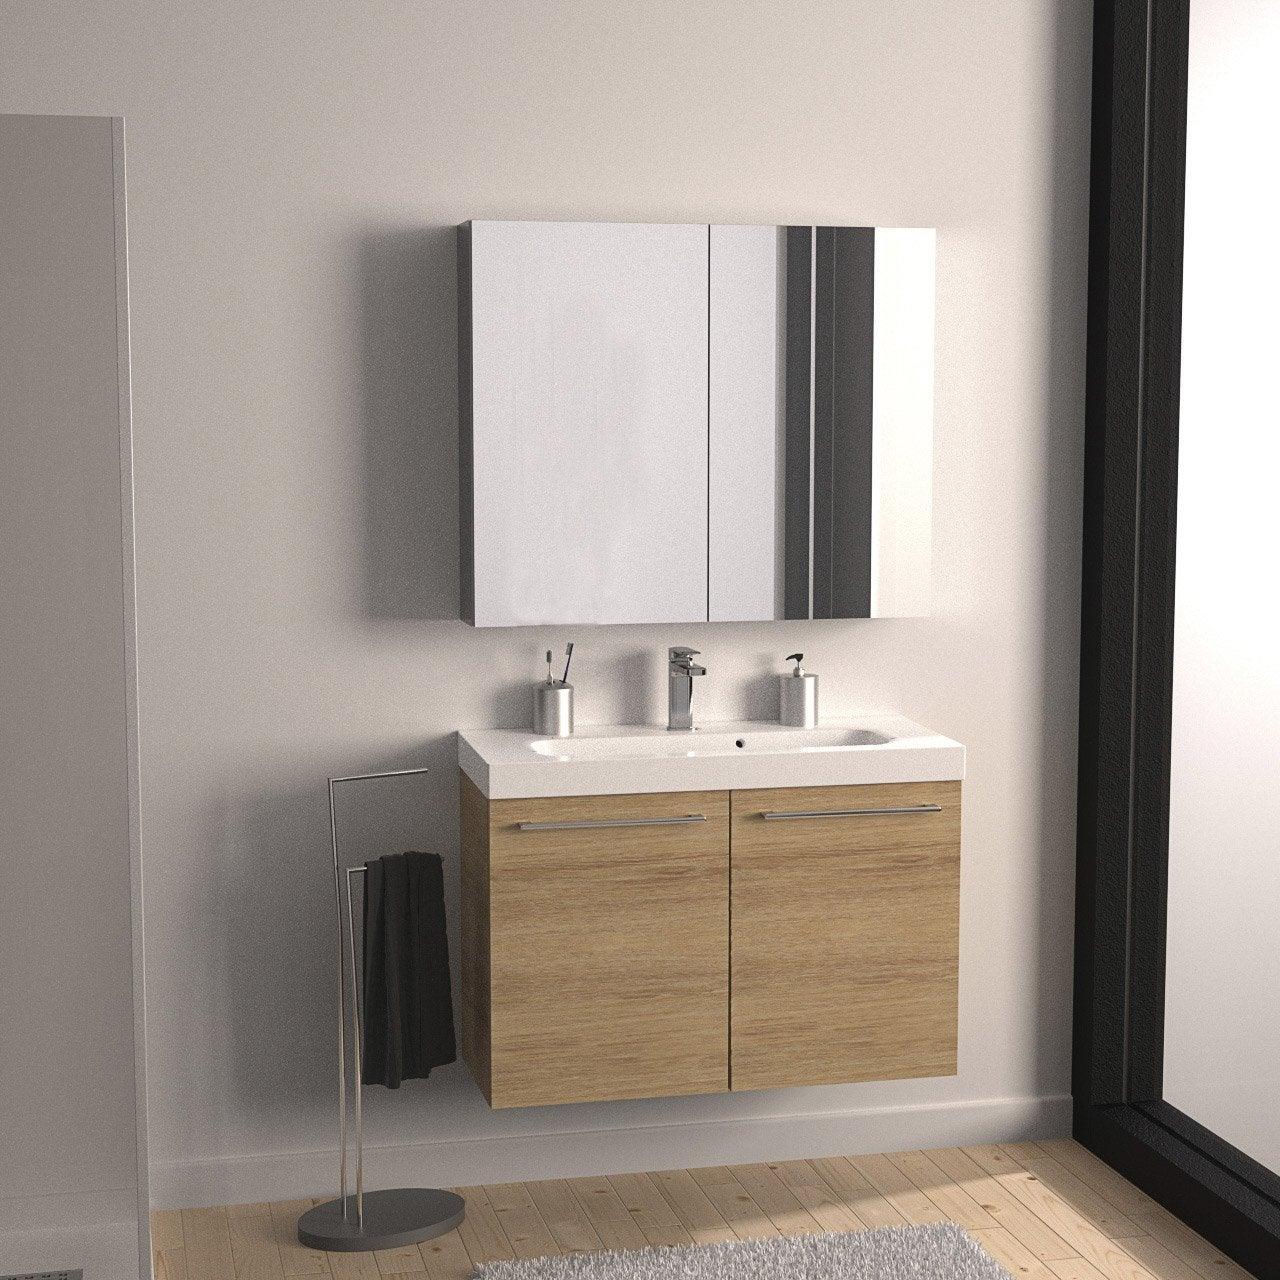 meuble sous vasque x x cm imitation. Black Bedroom Furniture Sets. Home Design Ideas